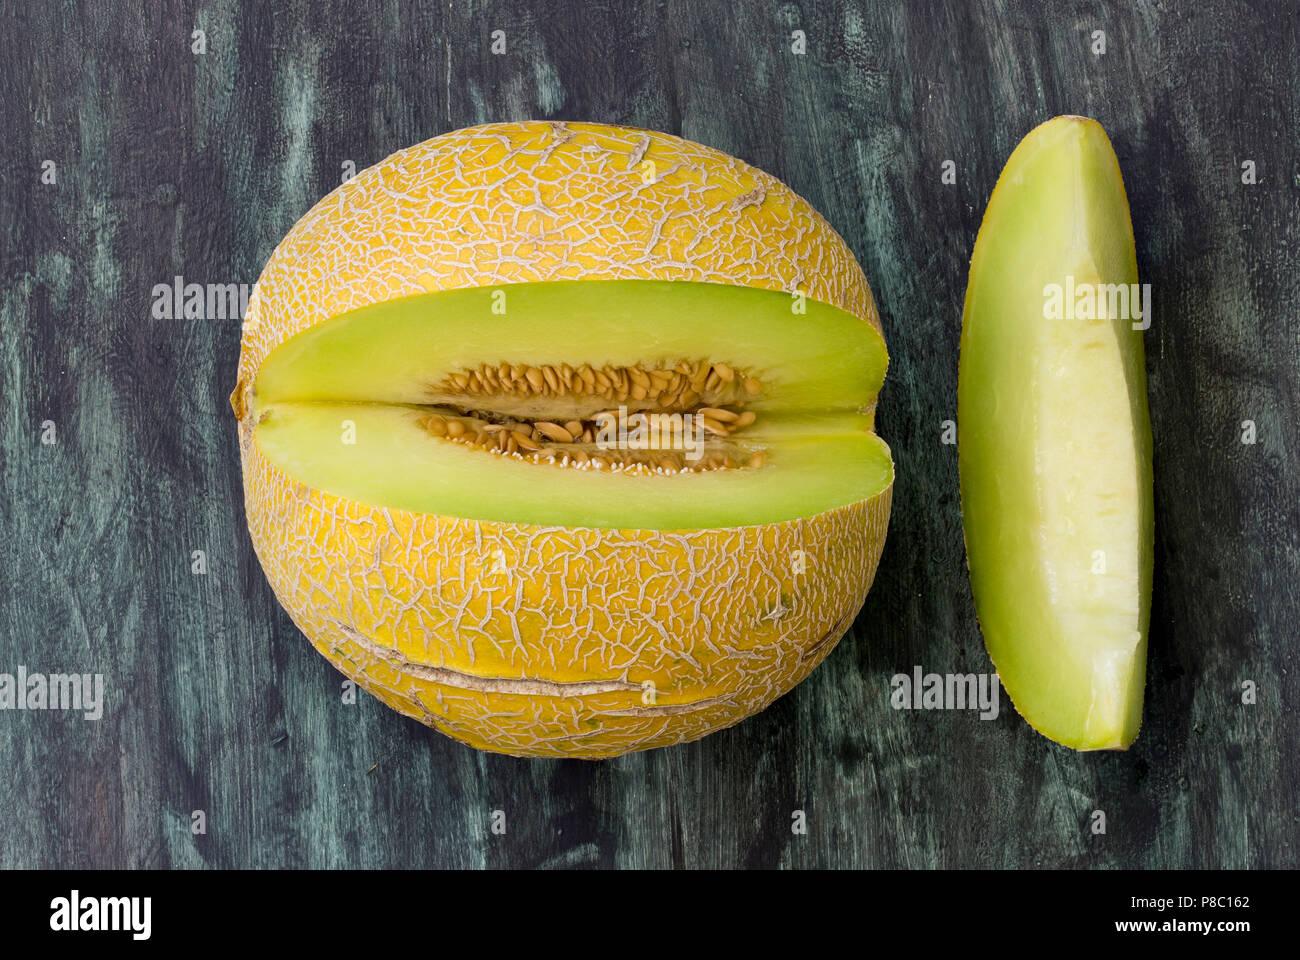 Melone freschi tagliati in pezzi sul tavolo di legno.direttamente al di sopra di vista. Immagini Stock